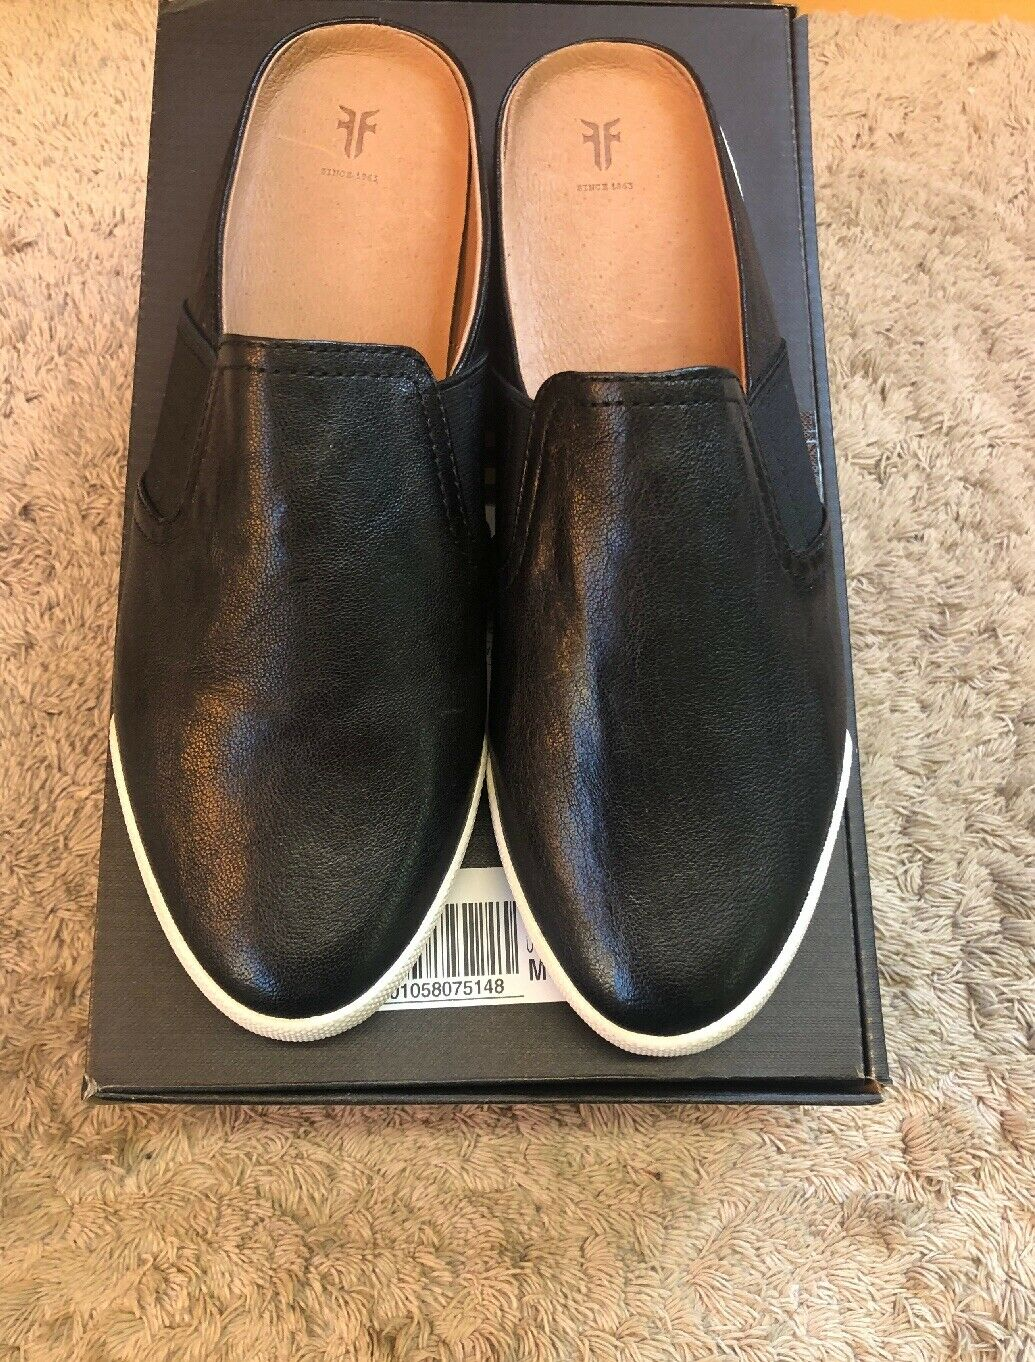 100% autentico Frye Donna Melanie Gore Mule scarpe nero Slides Dimensione Dimensione Dimensione 8.5 Leather  risposta prima volta